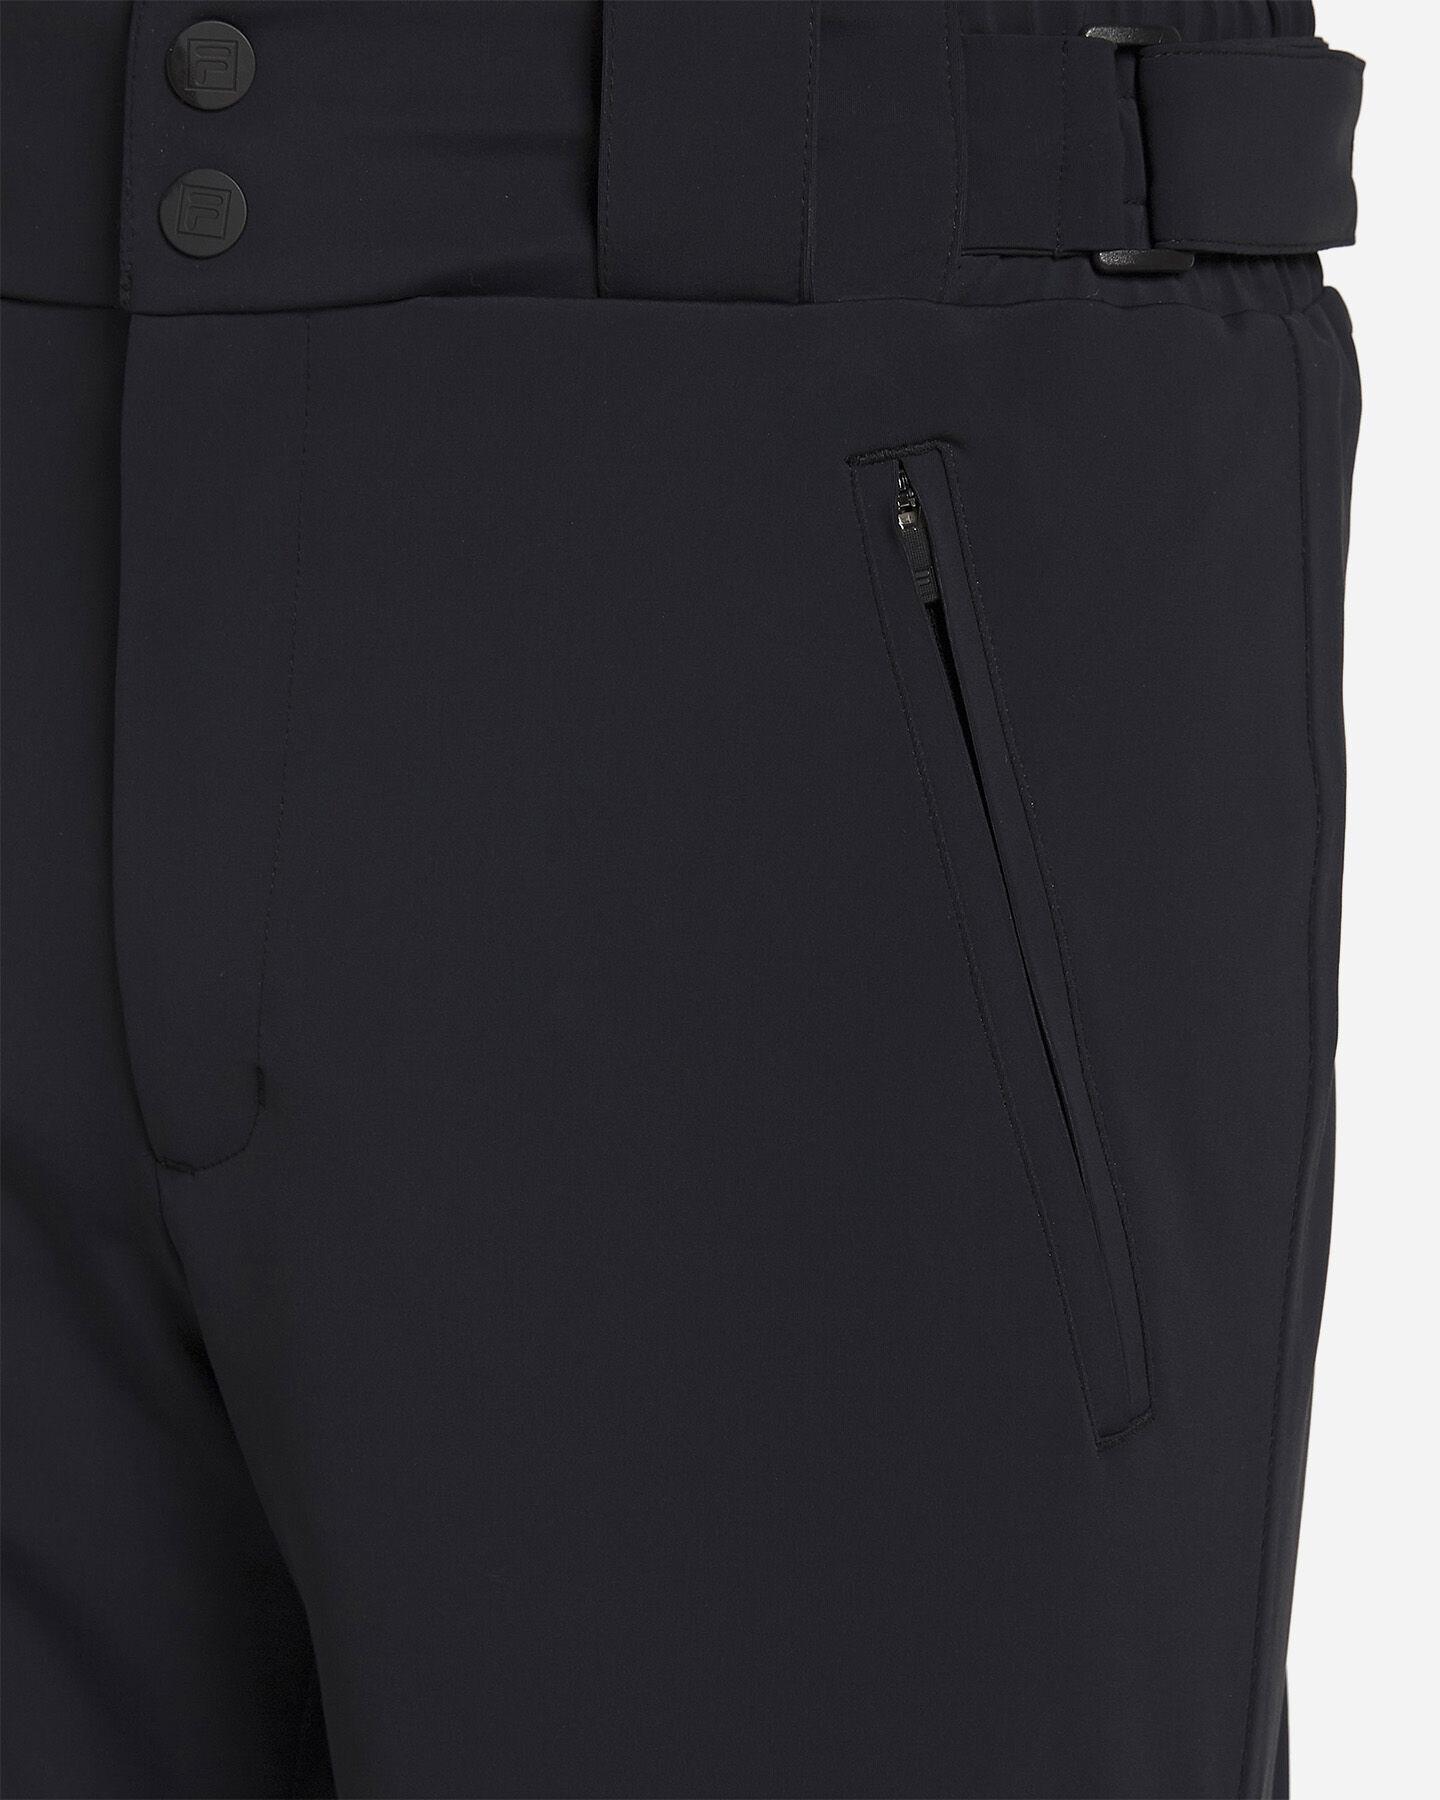 Pantalone sci FILA SKI TOP M S4058825 scatto 3